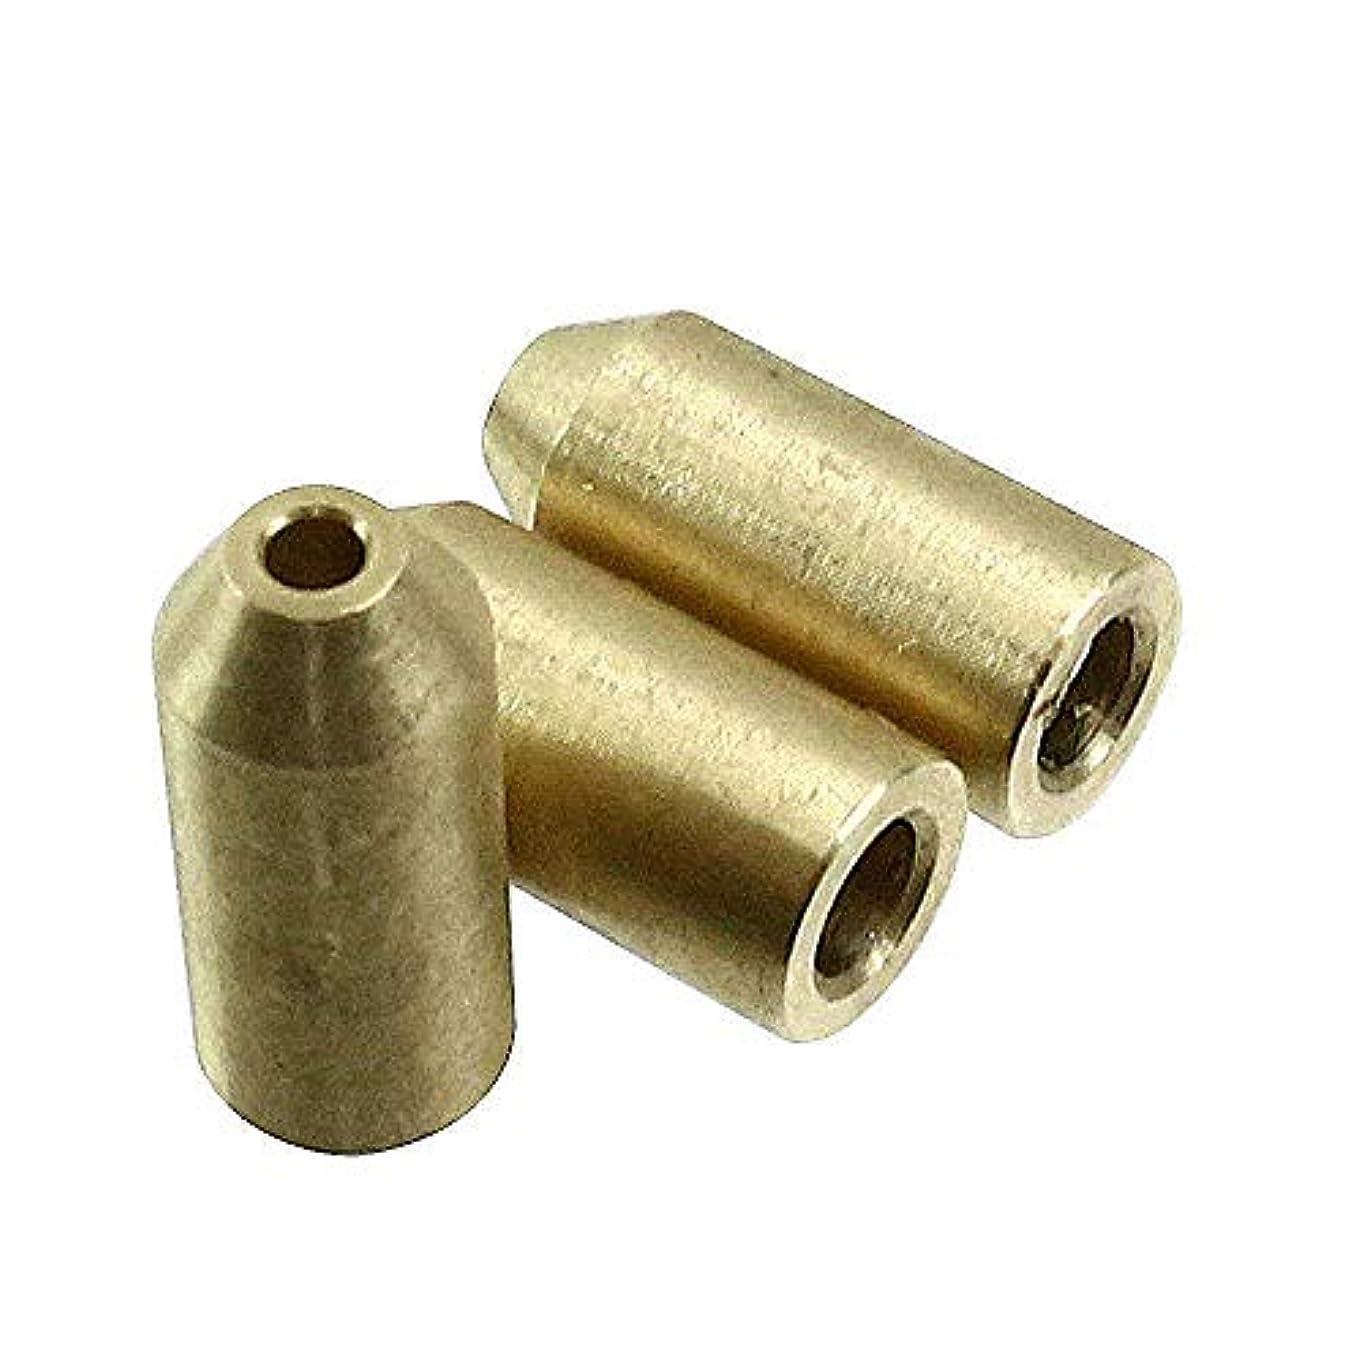 資源くびれたきょうだいHomewineasy デュポン用 ライターガス 注入 変換アダプター 汎用 真鍮製 3個セット